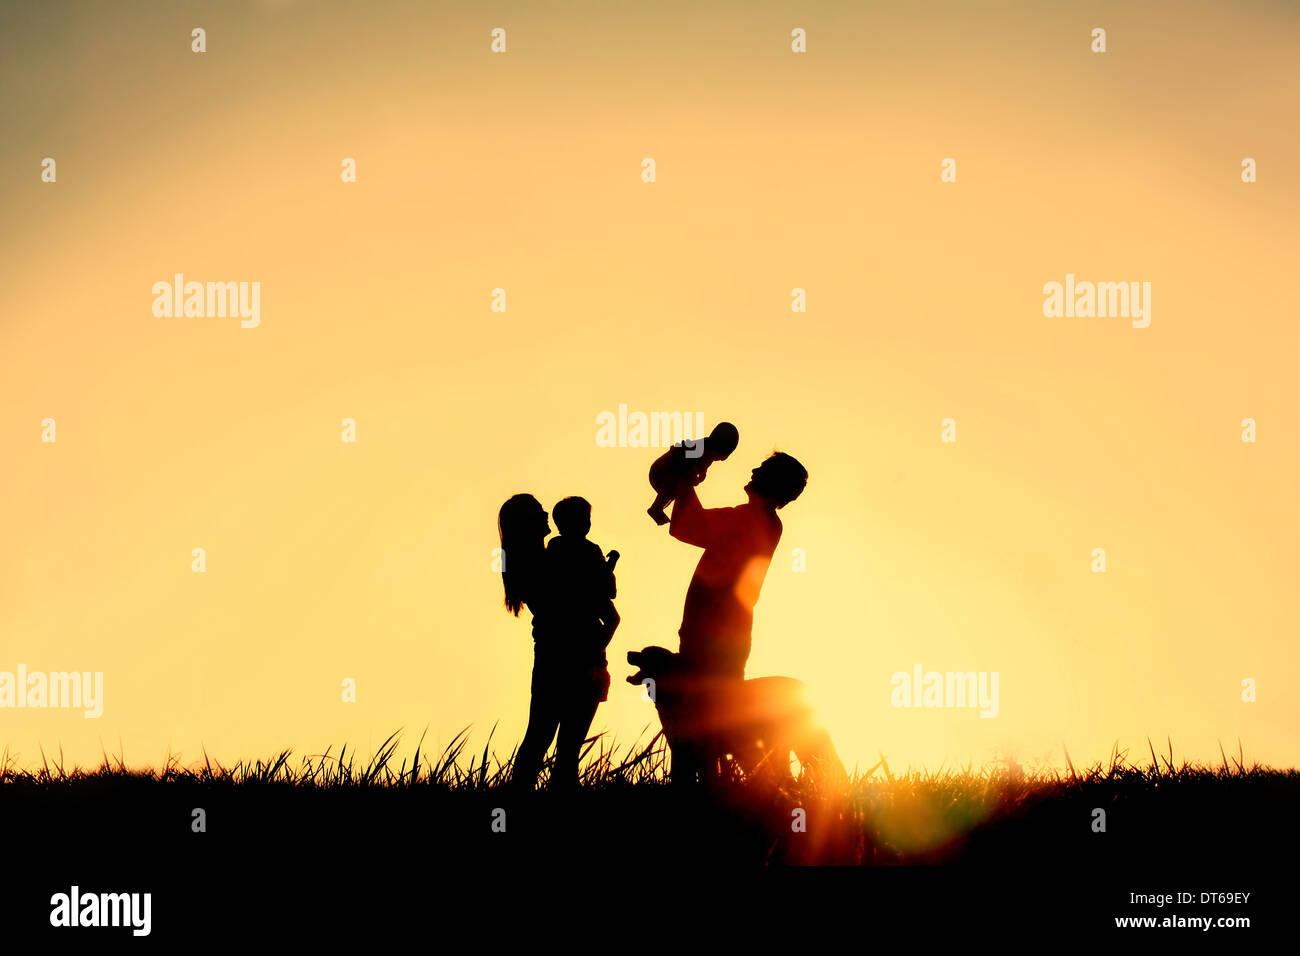 La silueta de una feliz familia de cuatro personas, madre, padre, hijo, y el niño, y su perro delante de un Imagen De Stock